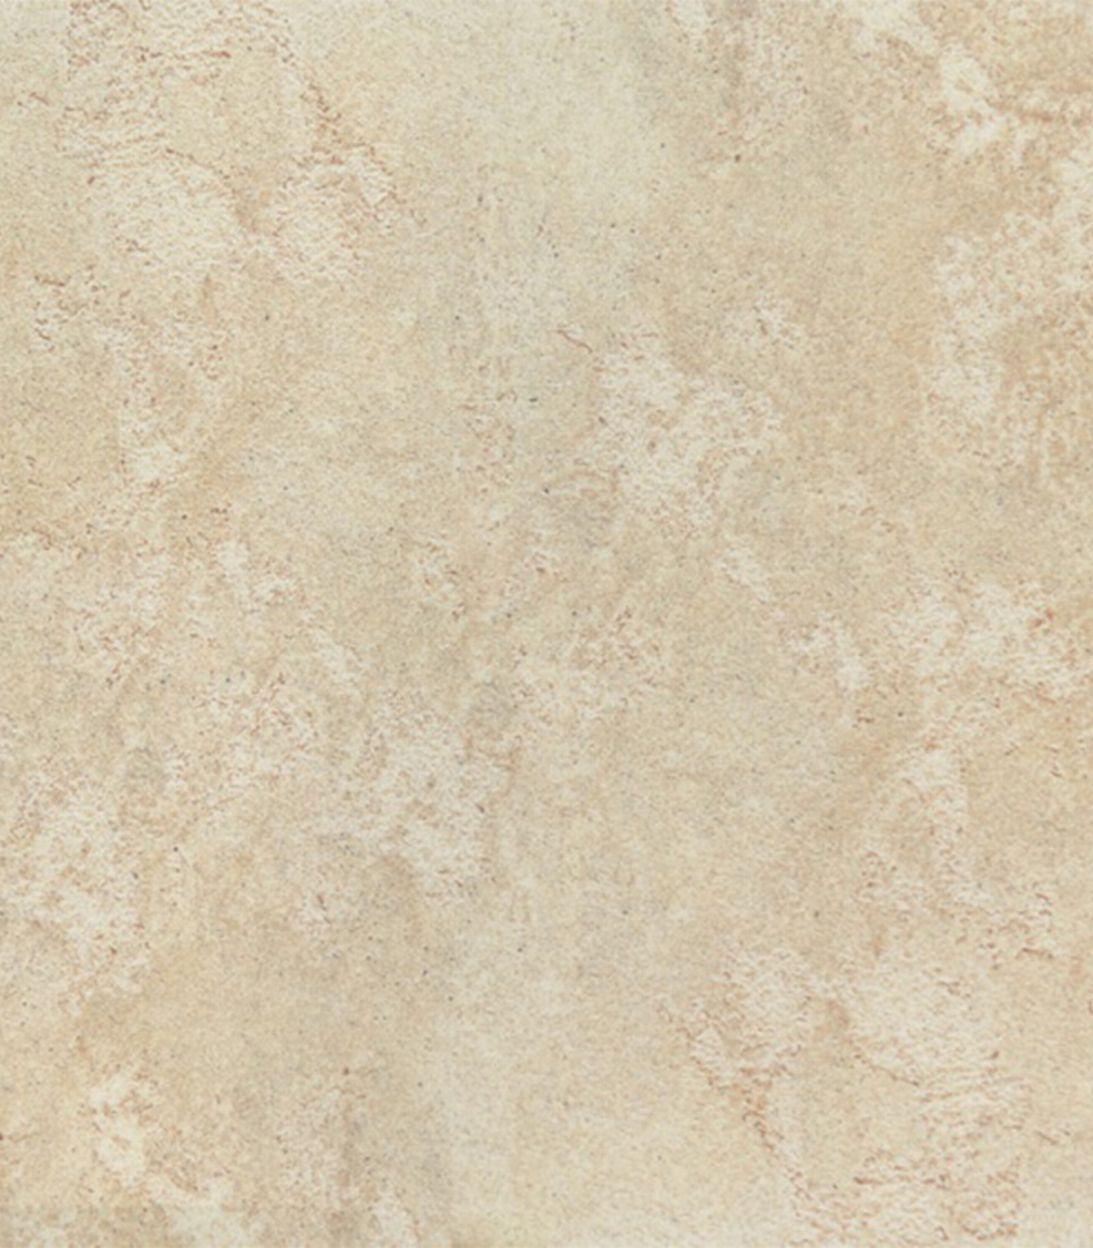 Плитка напольная Gracia Ceramica Triumph бежевый 450x450x8 мм (8 шт.=1,62 кв.м) напольная плитка gracia ceramica aquarelle lilac pg 01 45x45